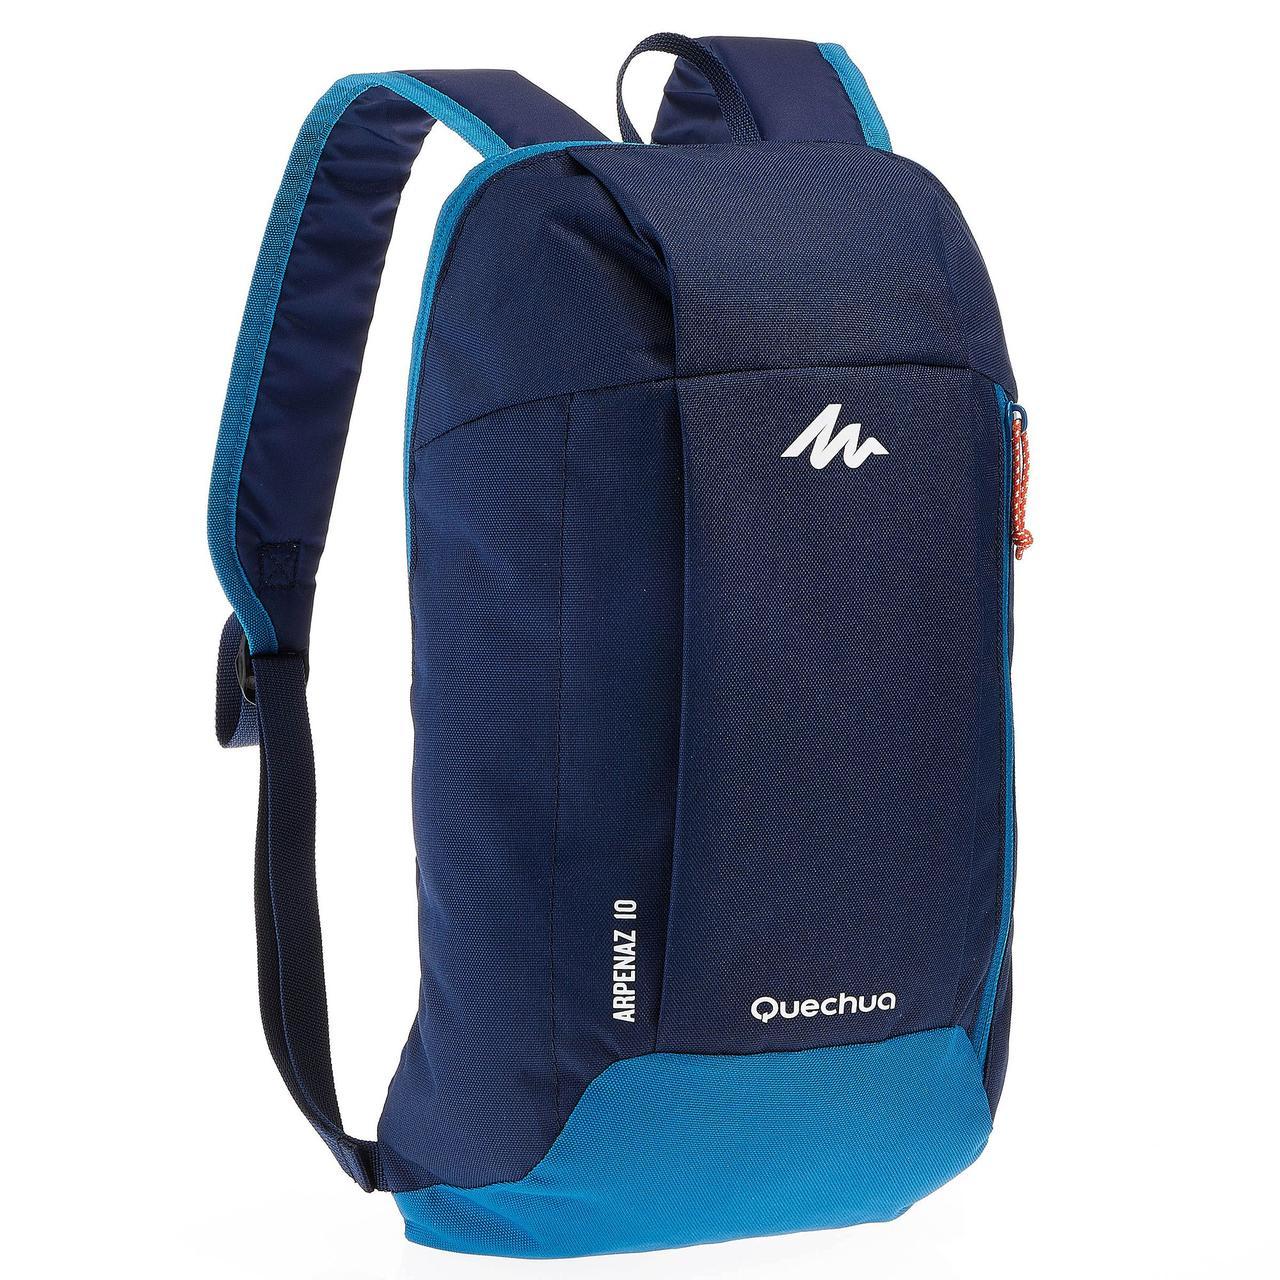 Городской рюкзак Quechua 10л. синий с голубым (рюкзак для спорта, спор